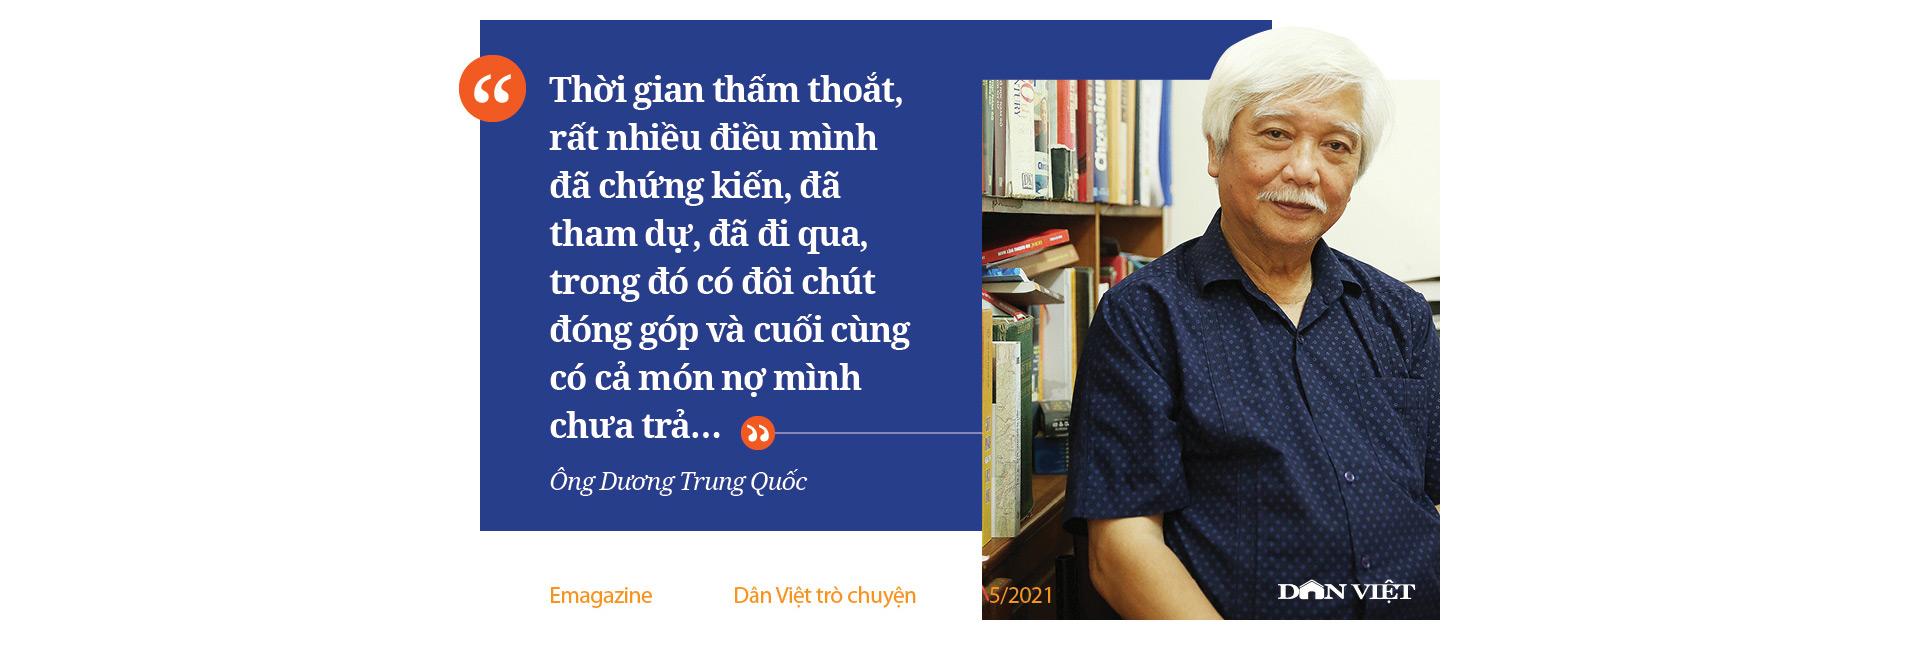 Ông Dương Trung Quốc chia sẻ những chuyện ít người biết sau 20 năm gắn bó nghị trường - Ảnh 4.